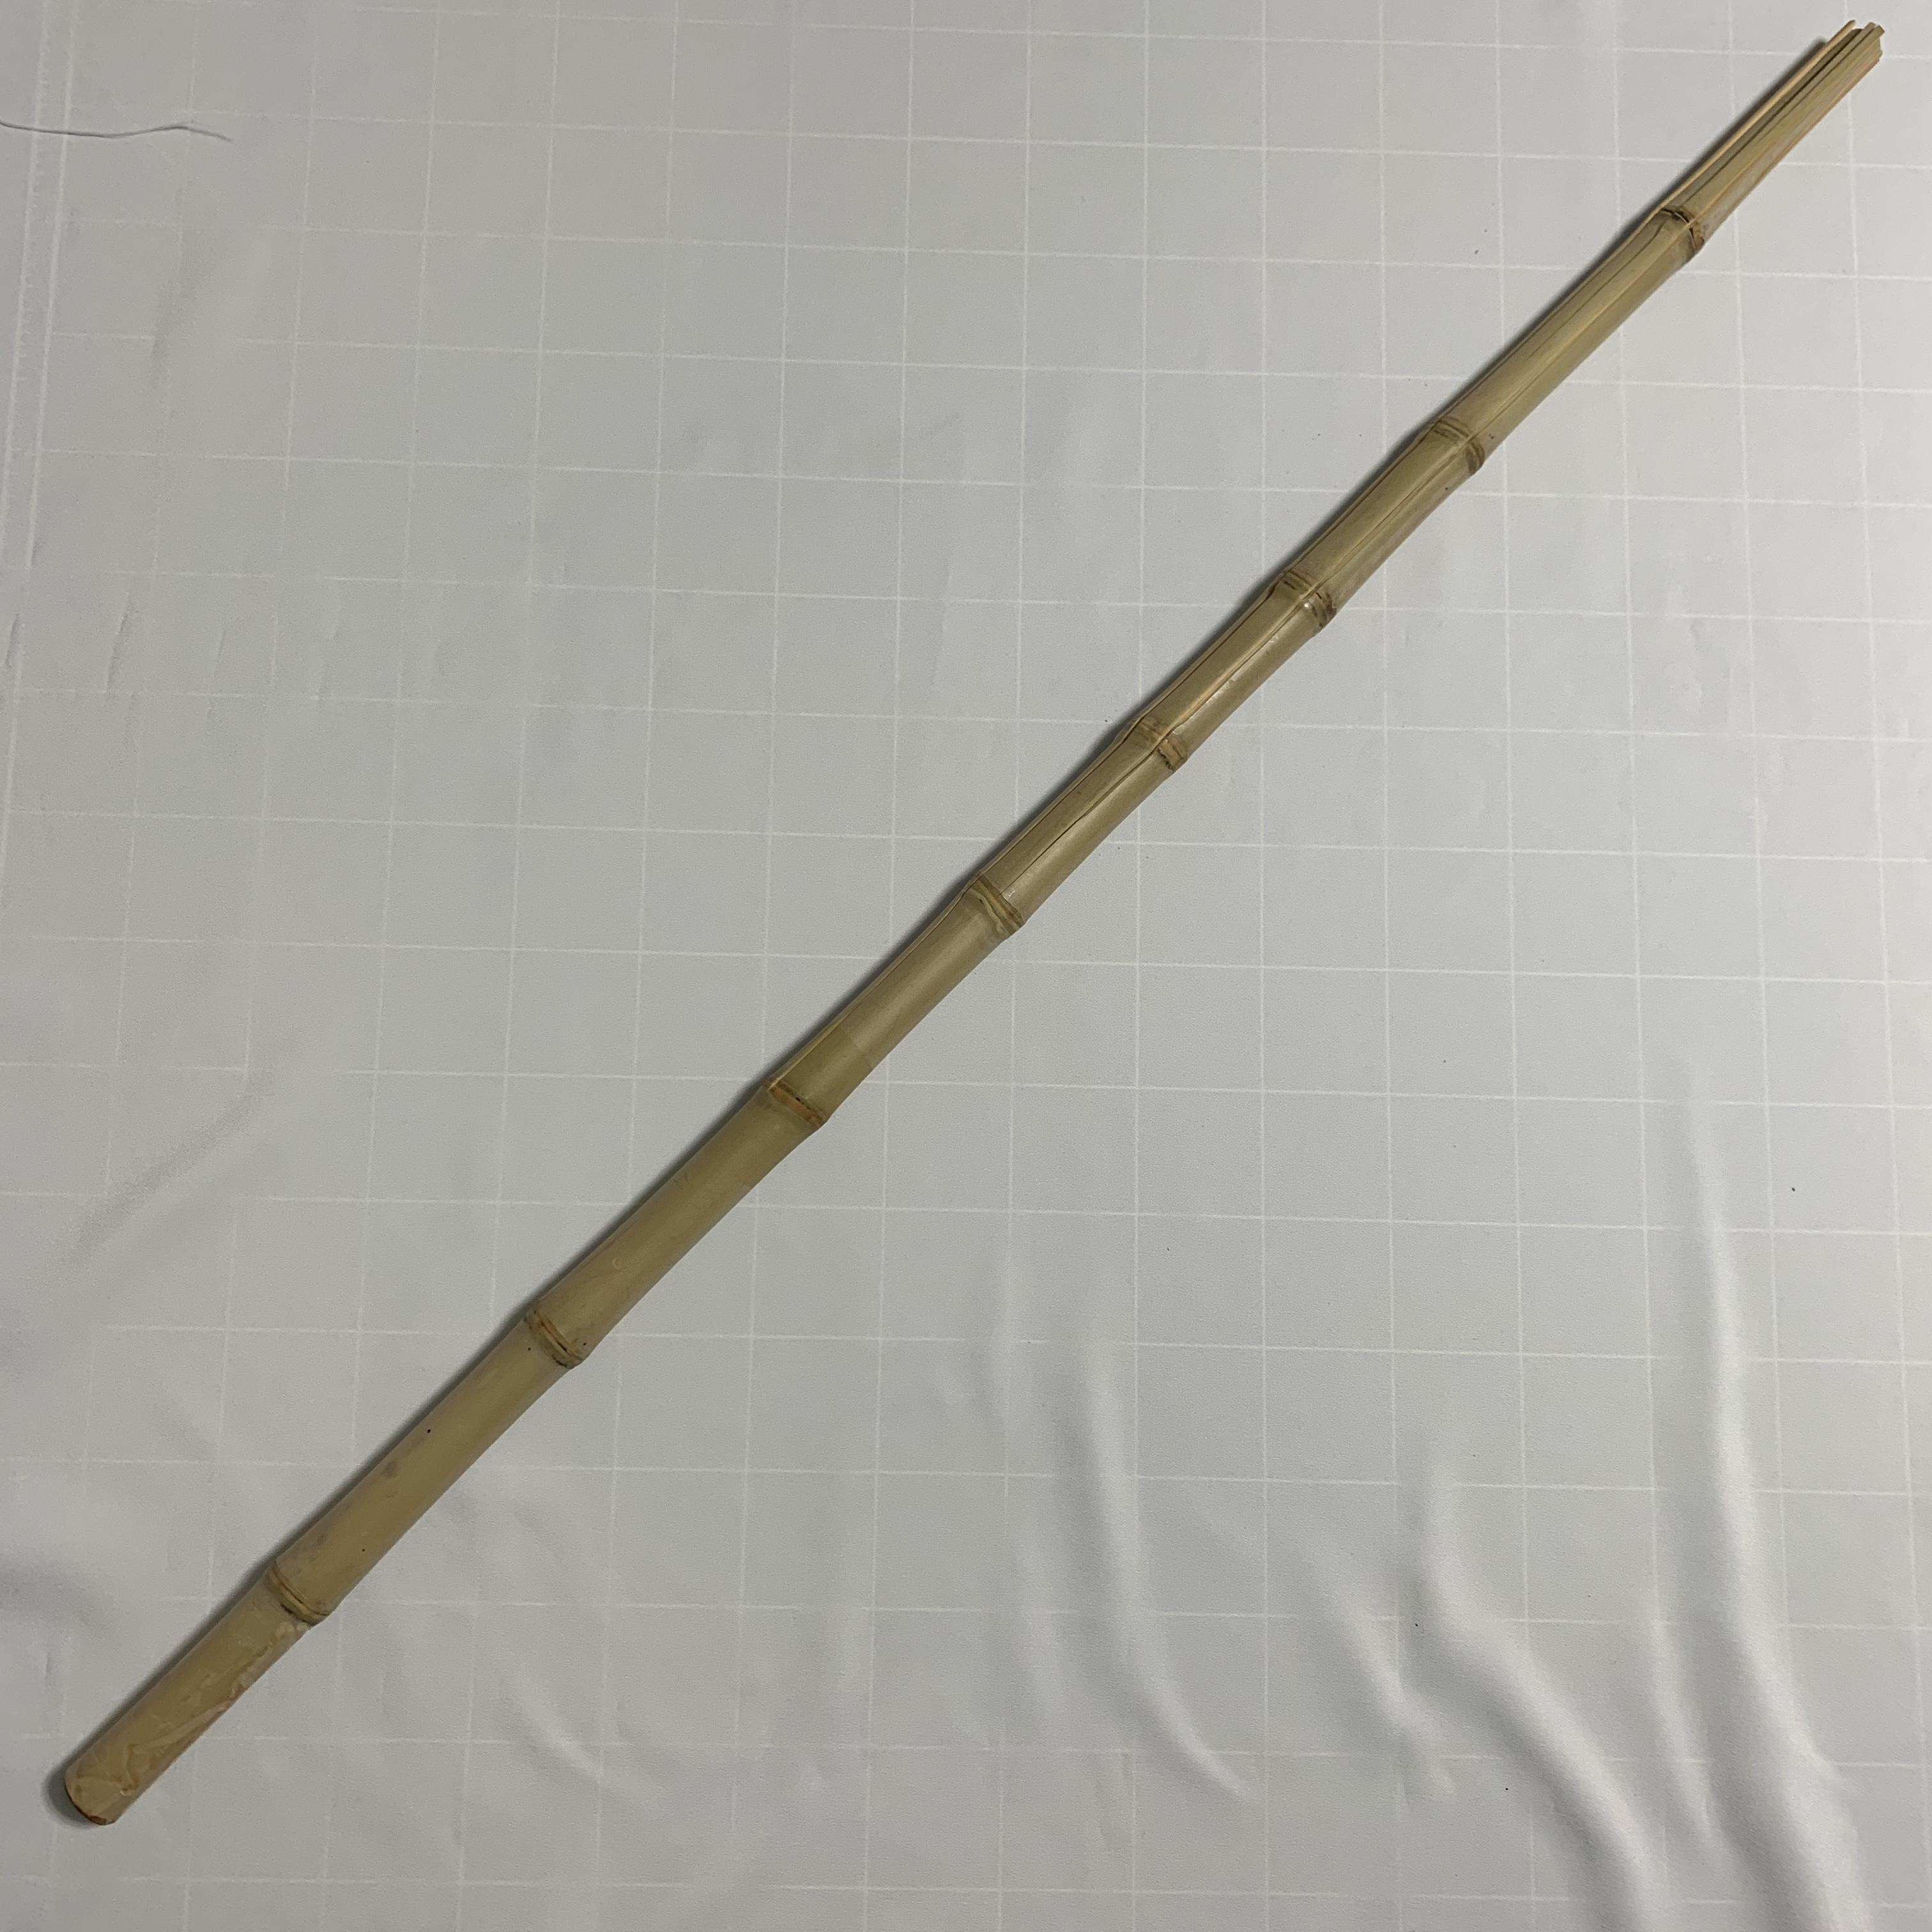 袋竹刀交換用竹